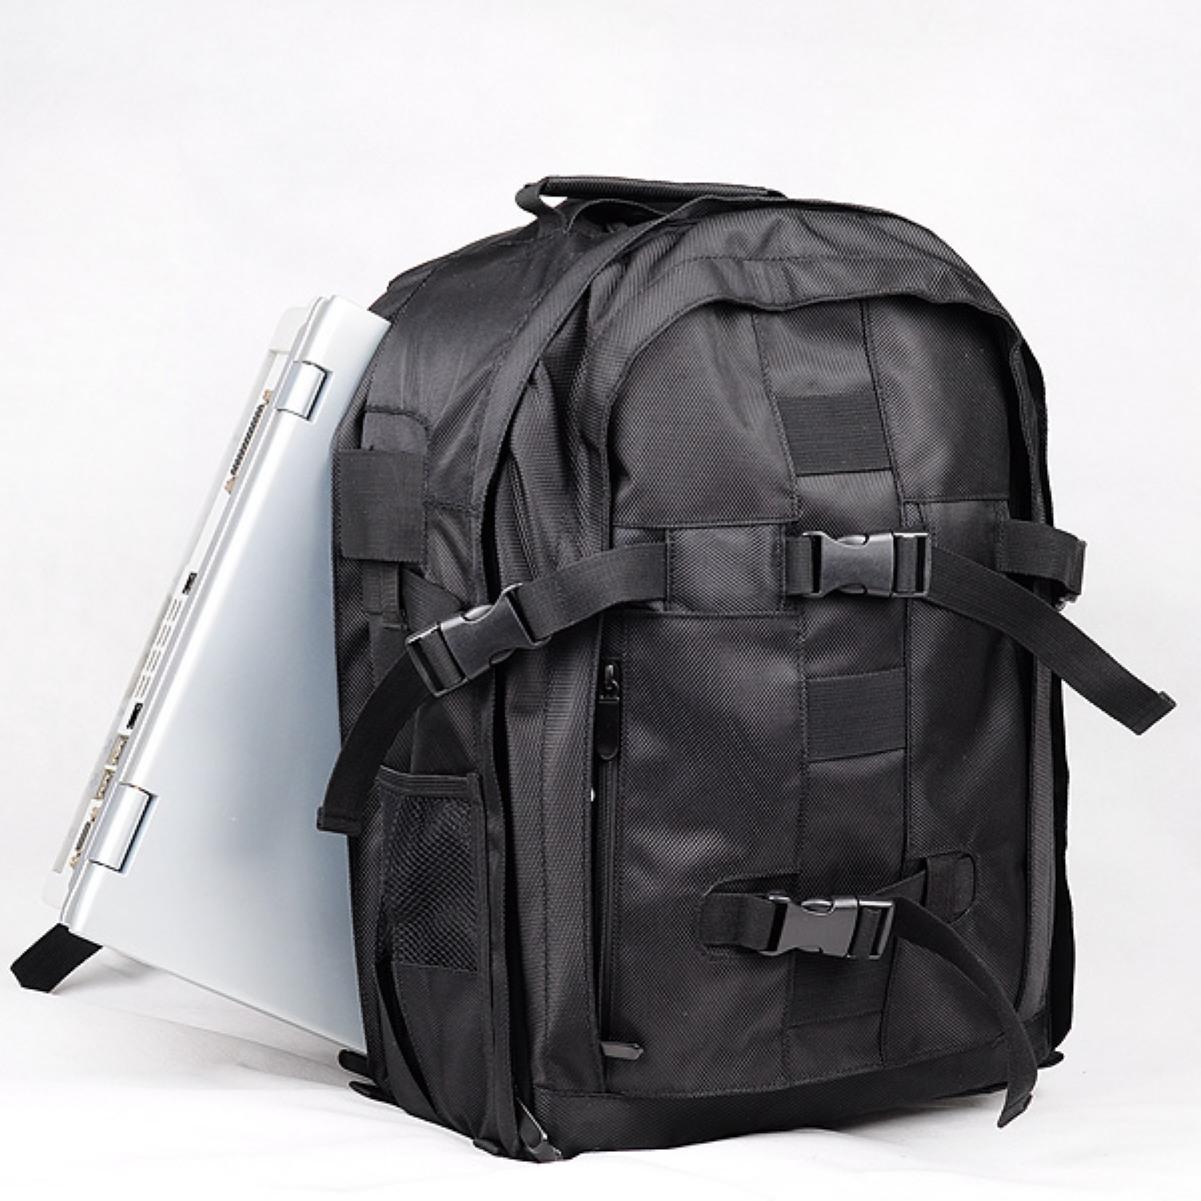 防水双肩包摄影包专业单反相机包可放15.4寸笔记本三脚架 20